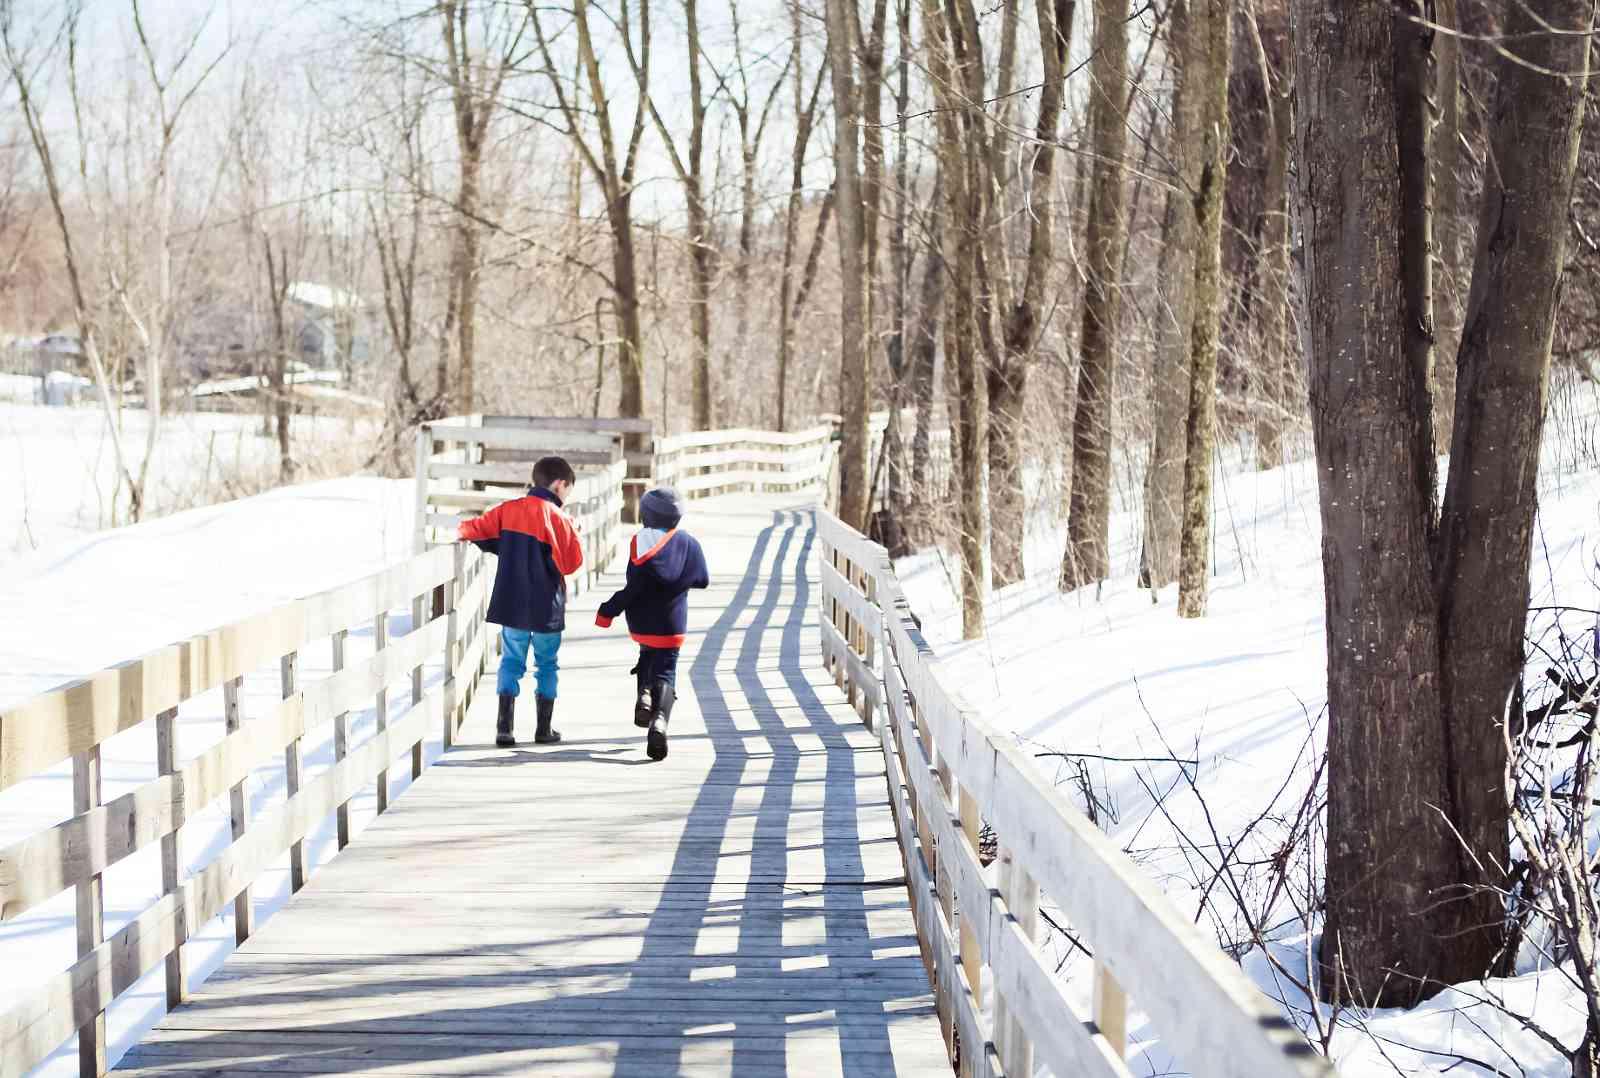 Snowshoeing Montreal 2017 season details for Bois de l'Île Bizard.